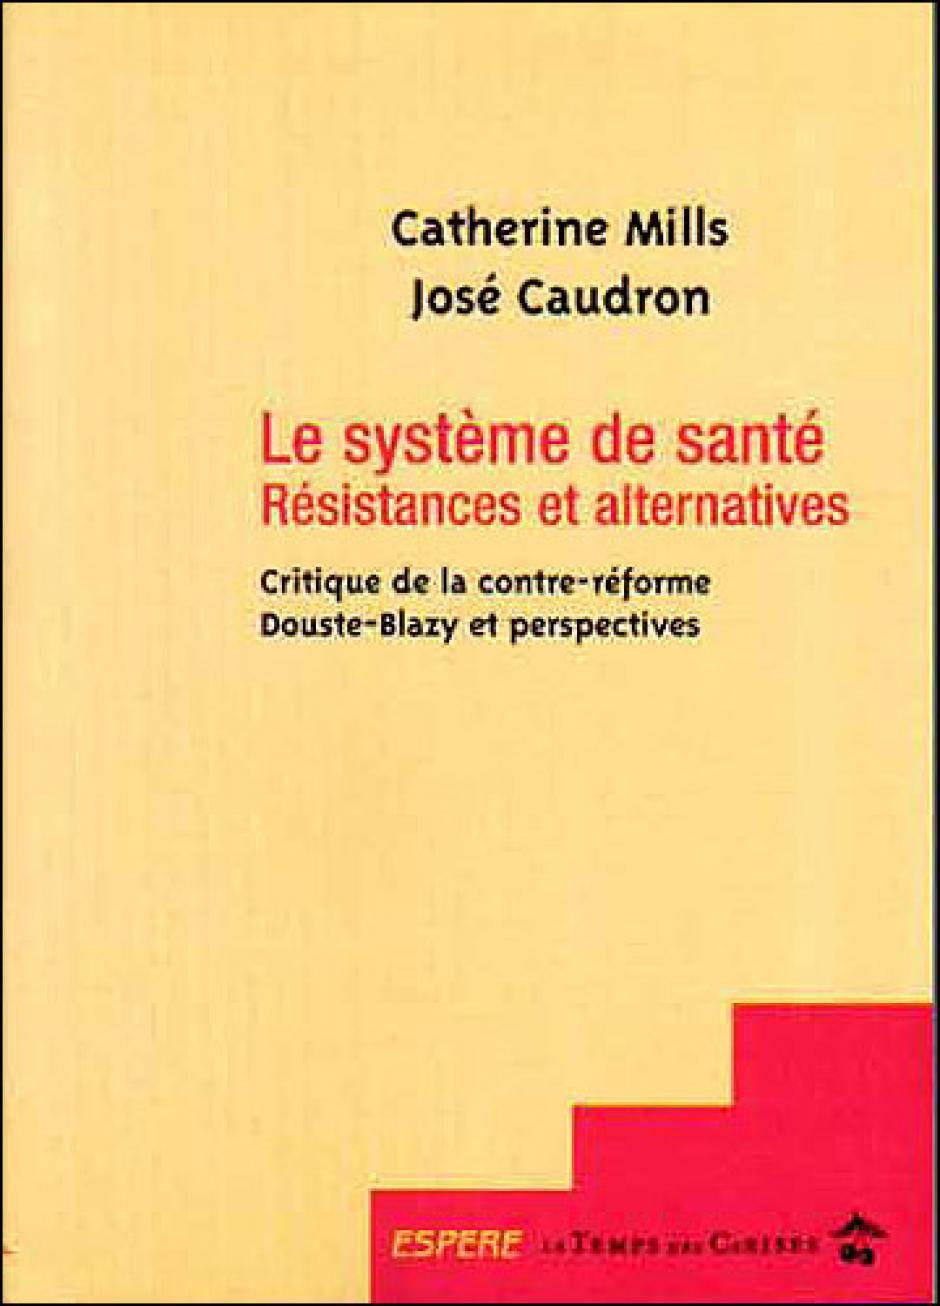 Le système de santé , Résistance et alternatives, critique de la contre-réforme de Douste Blazy et perspectives  - Catherine Mills et José Caudron